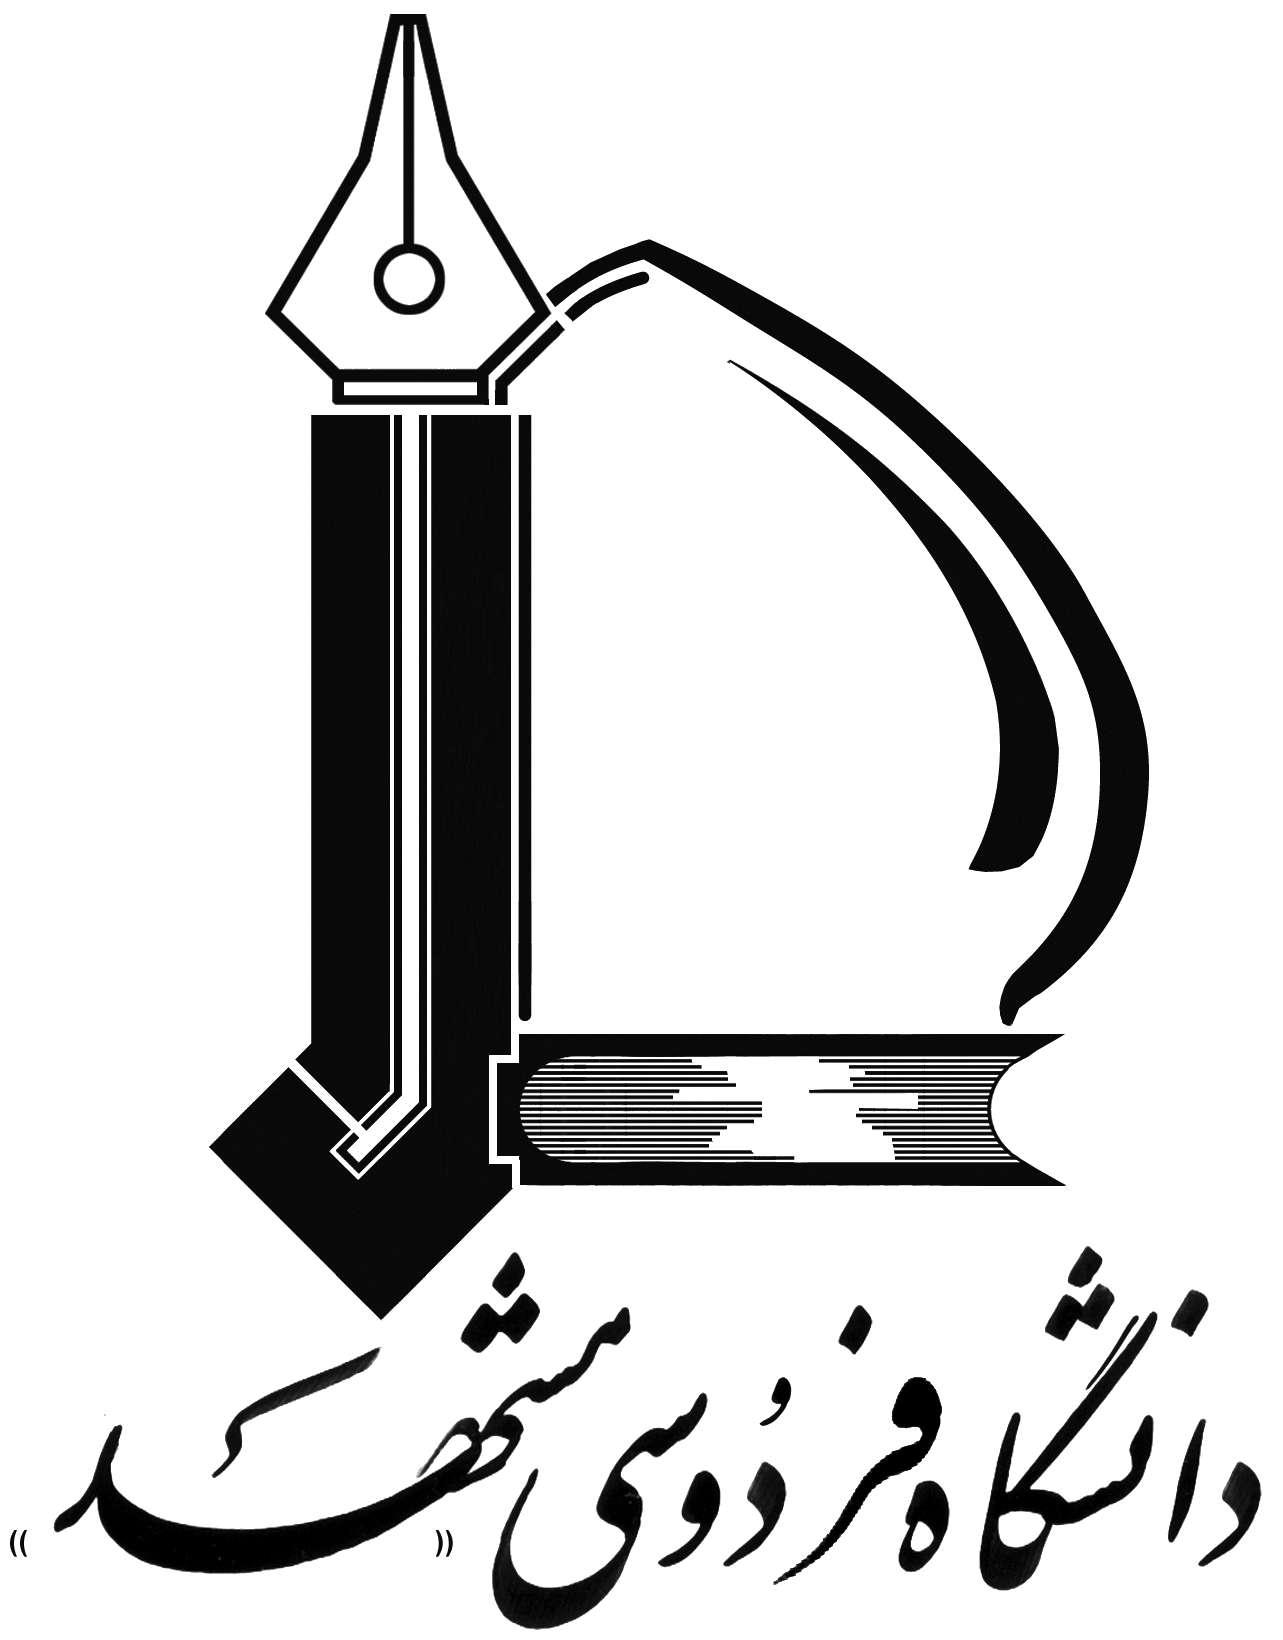 دانشگاه فردوسی,دانشگاه فردوسی مشهد,آرم دانشگاه فردوسی